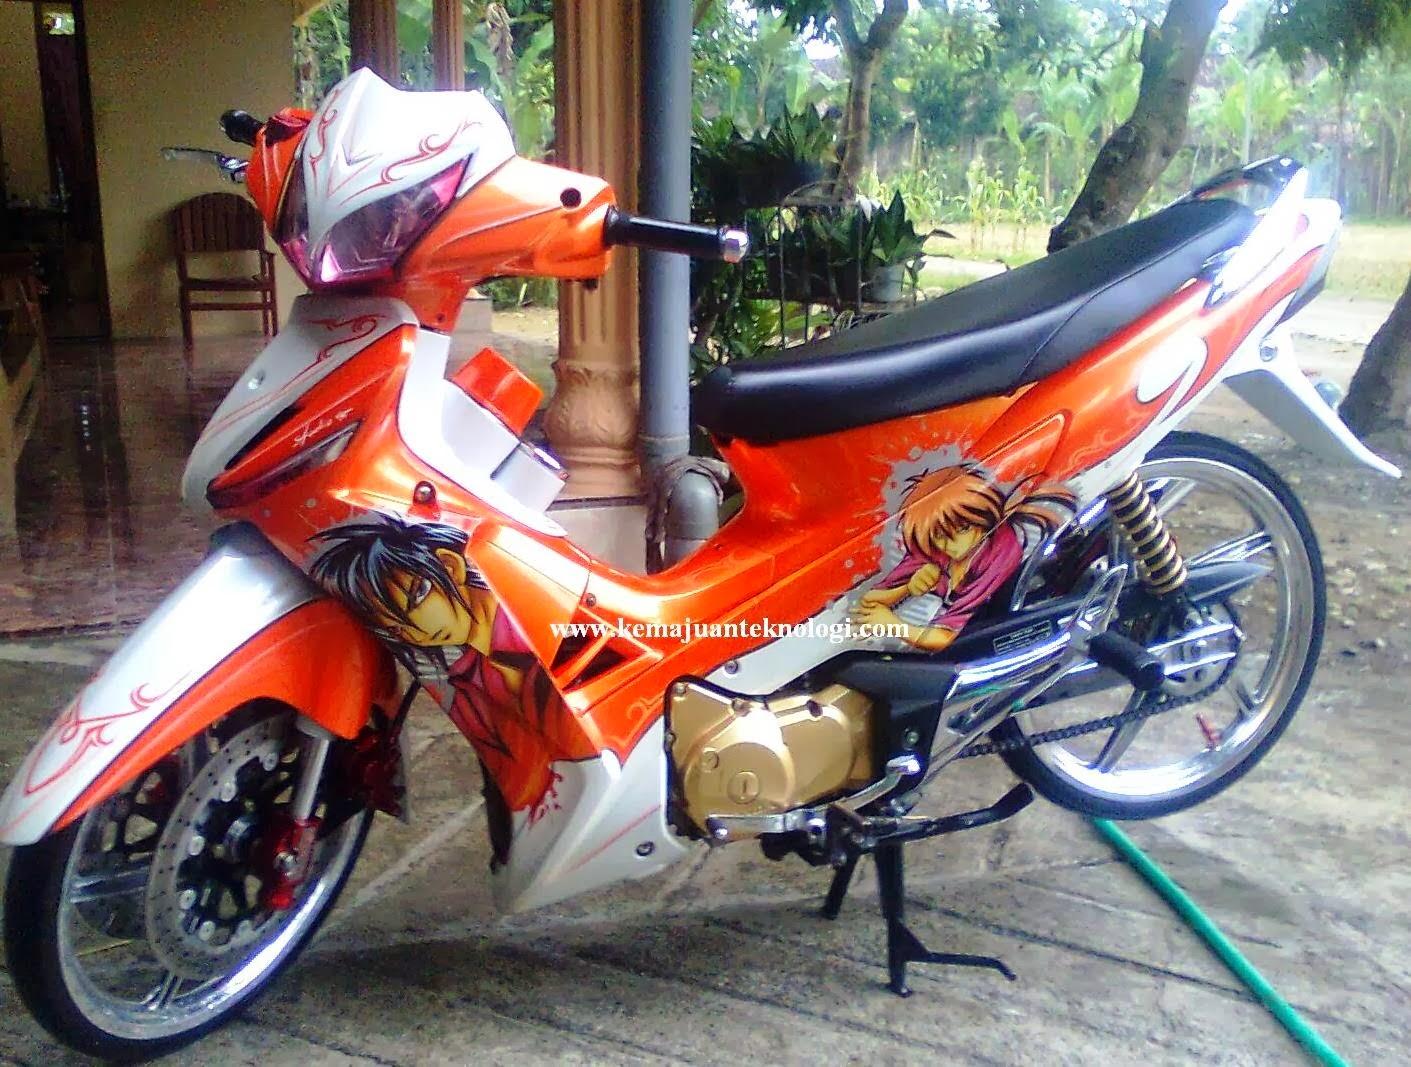 Modifikasi Honda Supra X 125 Drag Race Foto Gambar